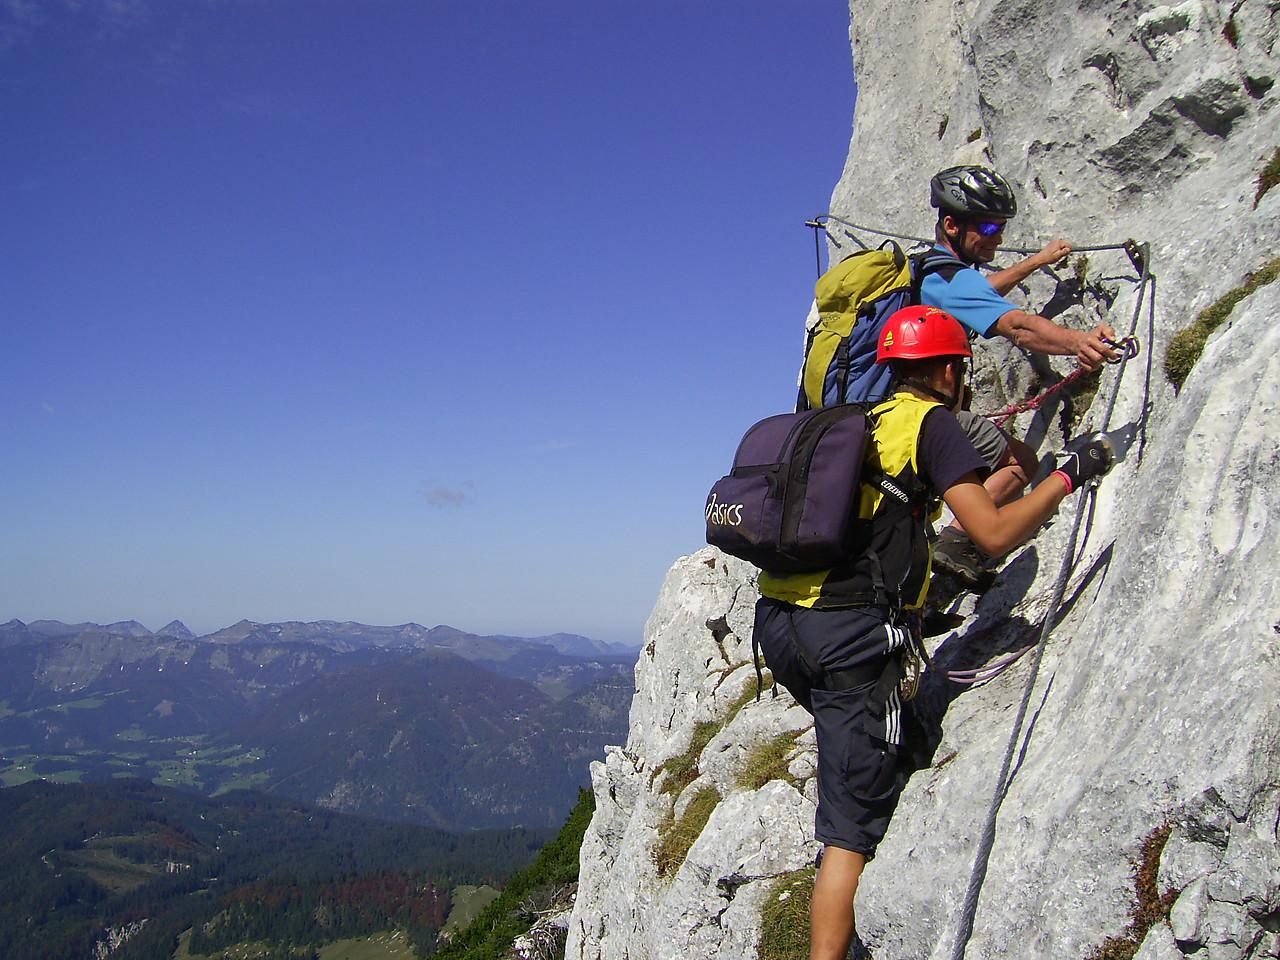 Klettersteig Donnerkogel : Climbing the donnerkogel klettersteig